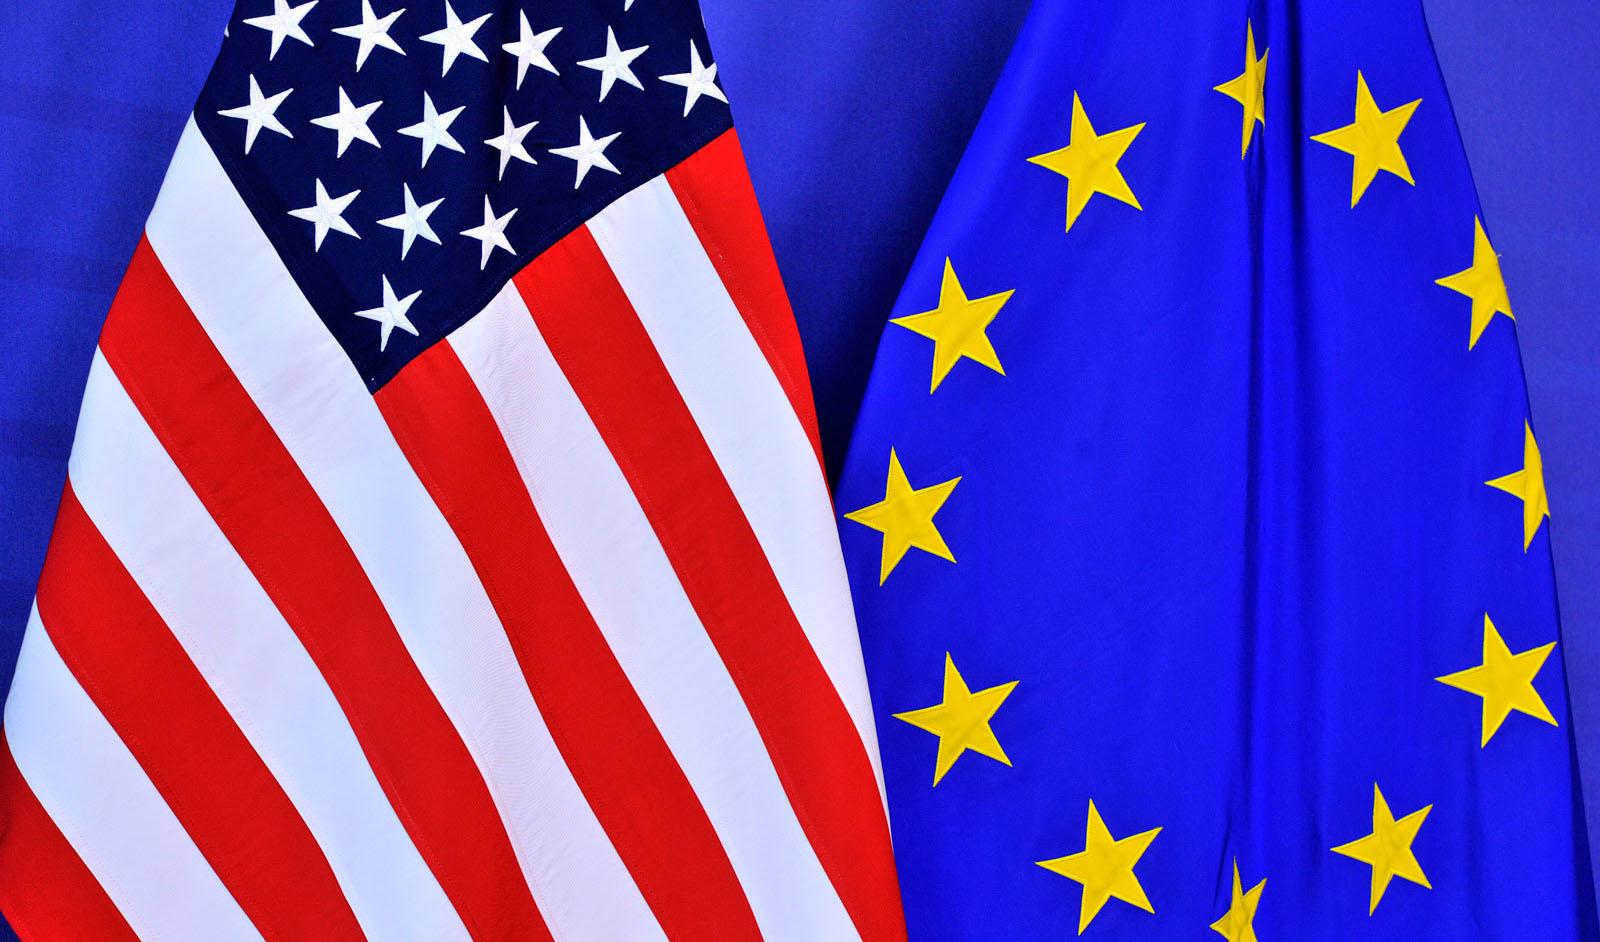 وضع تعرفه ۳.۳ میلیارد دلاری اروپا بر روی کالاهای آمریکایی